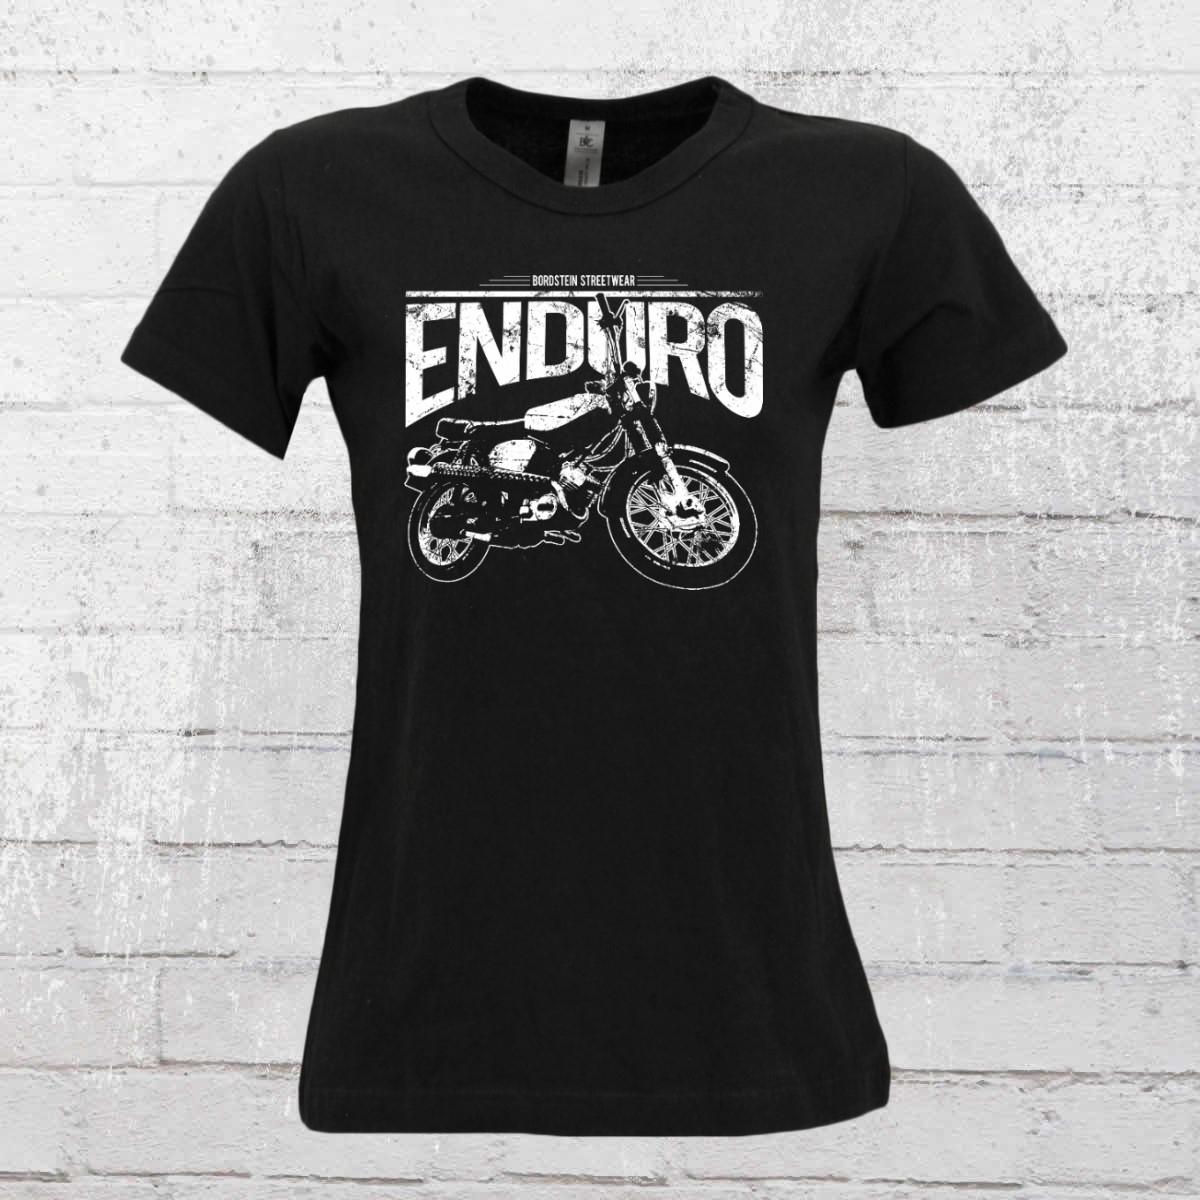 Bordstein Frauen T-Shirt S51 Enduro schwarz